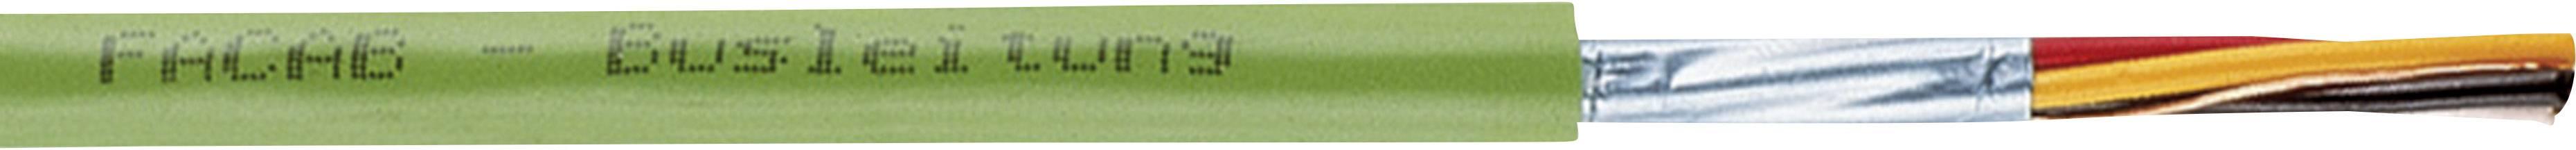 Sběrnicový kabel Faber Kabel 101049, vnější Ø 6.30 mm, zelená, metrové zboží